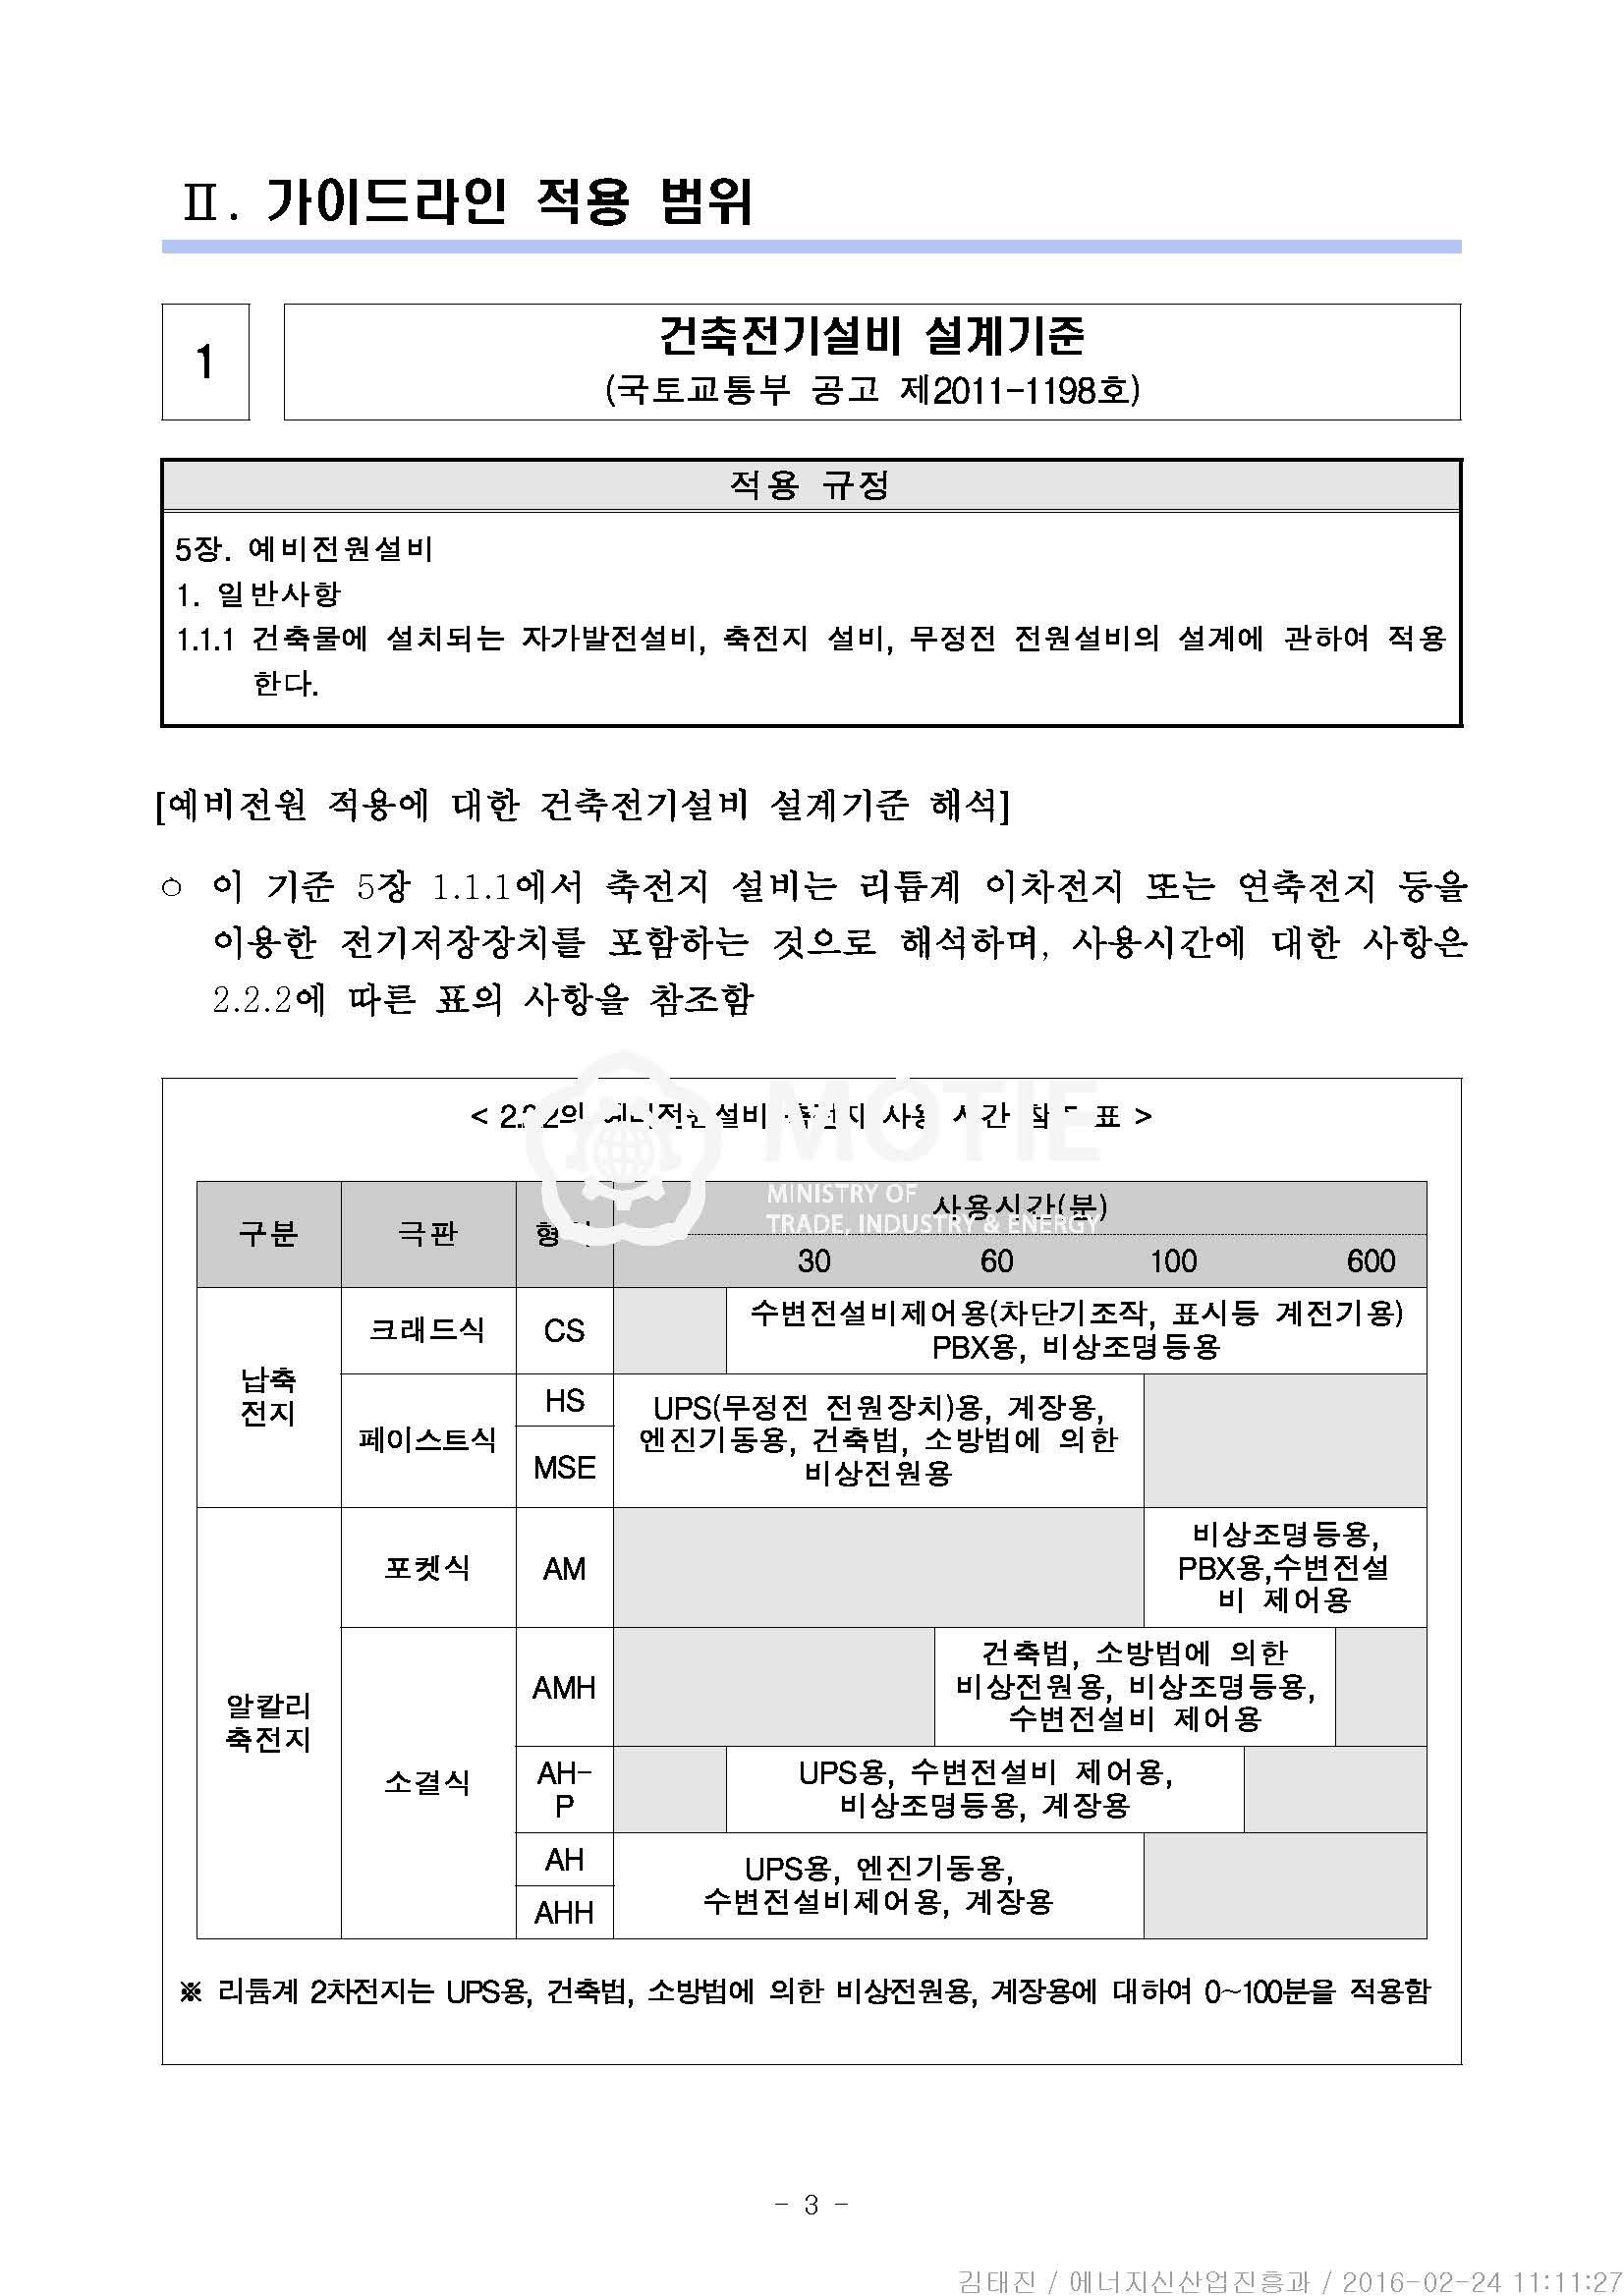 0224 (참고자료) 에너지신산업진흥과, 가이드라인 발표(붙임)_페이지_05.jpg